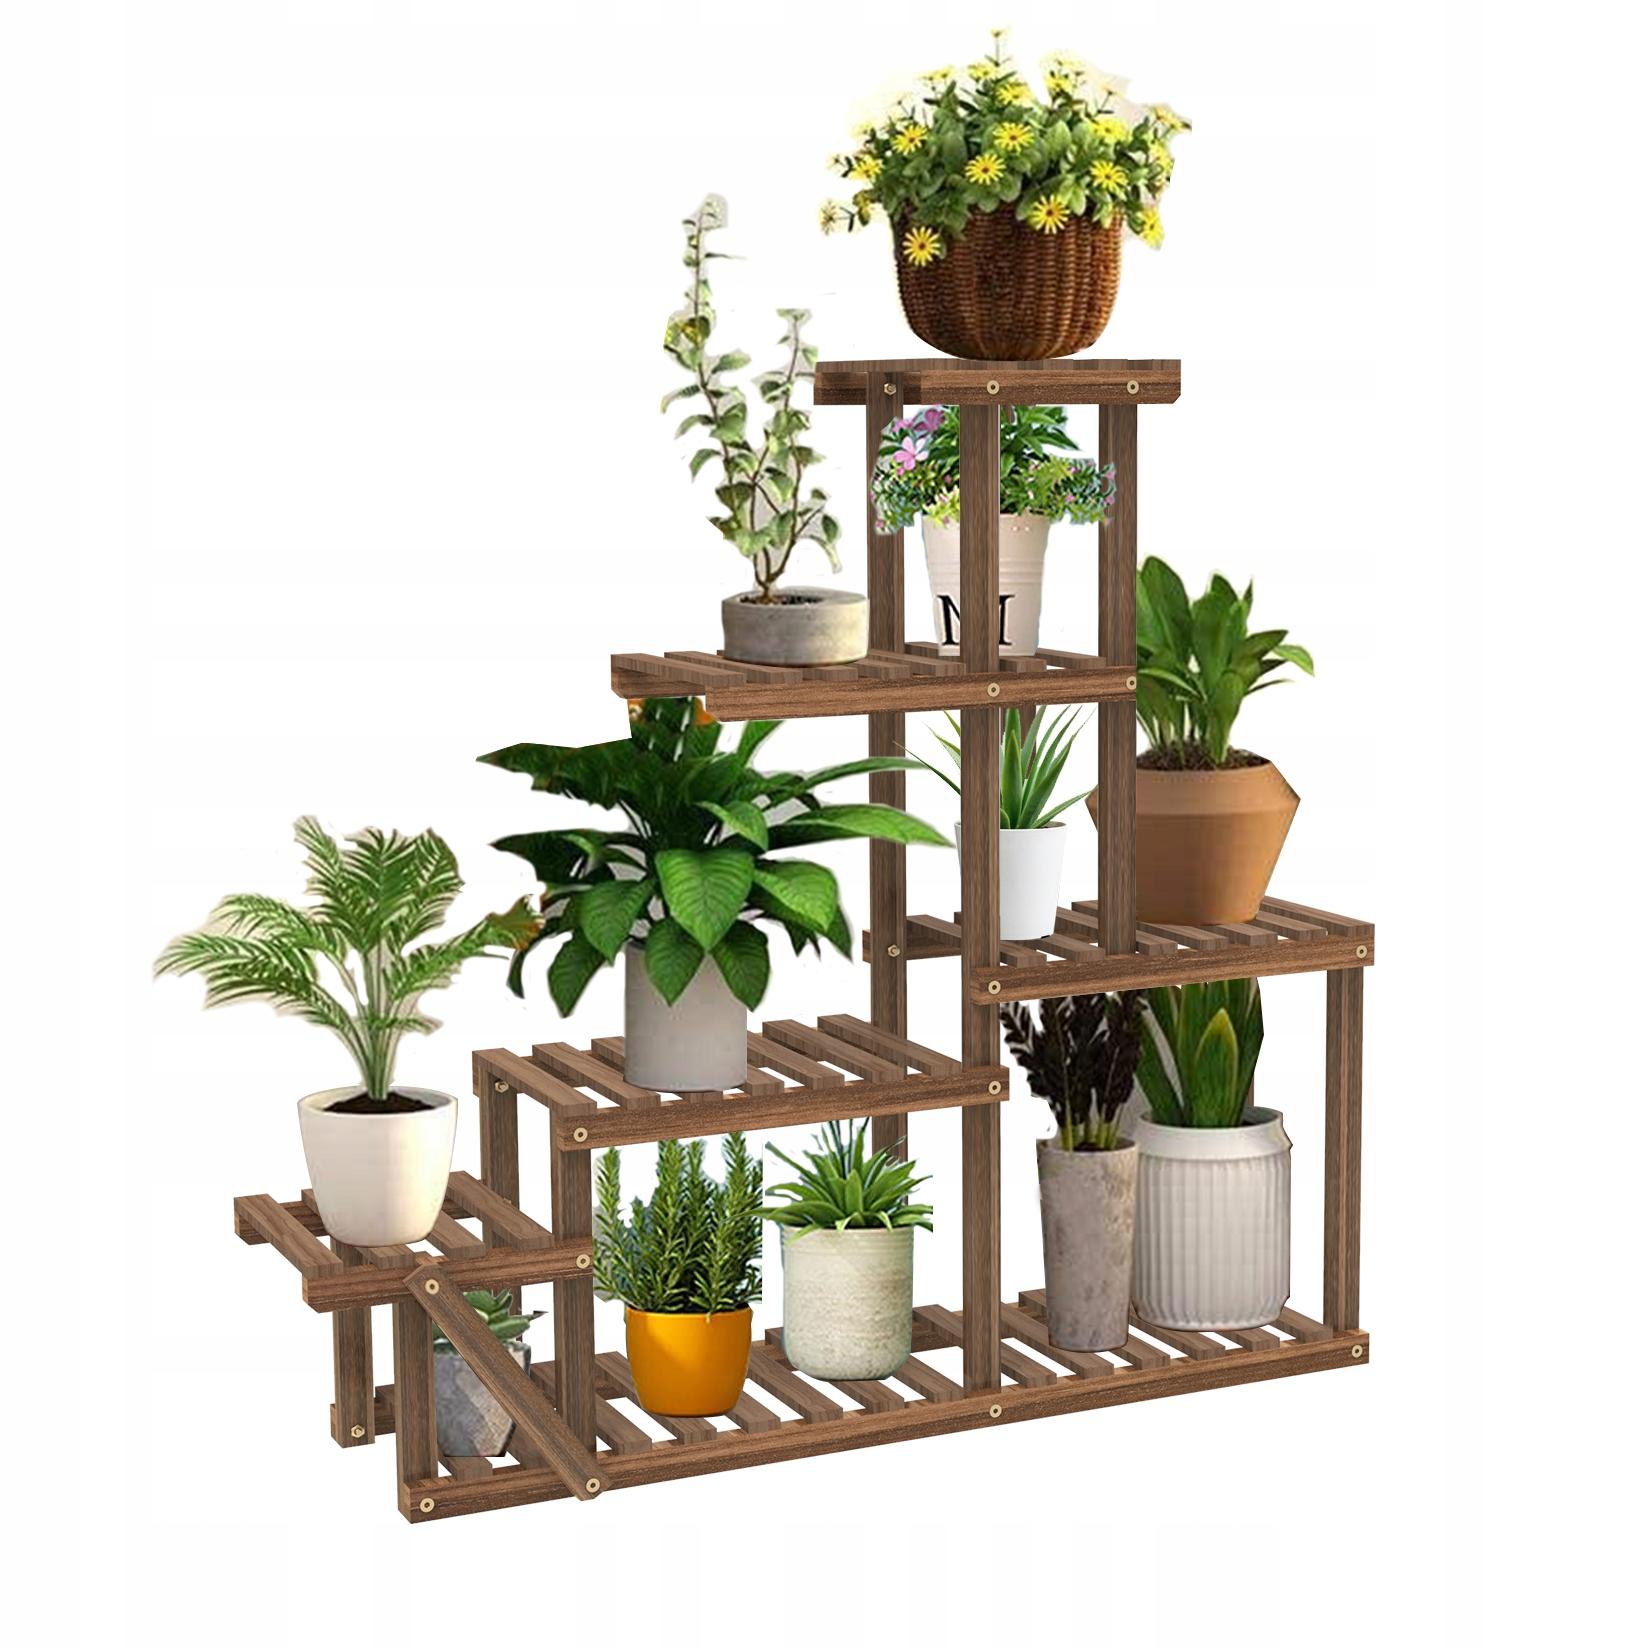 8 слоев клумбы деревянная подставка для цветов 96см